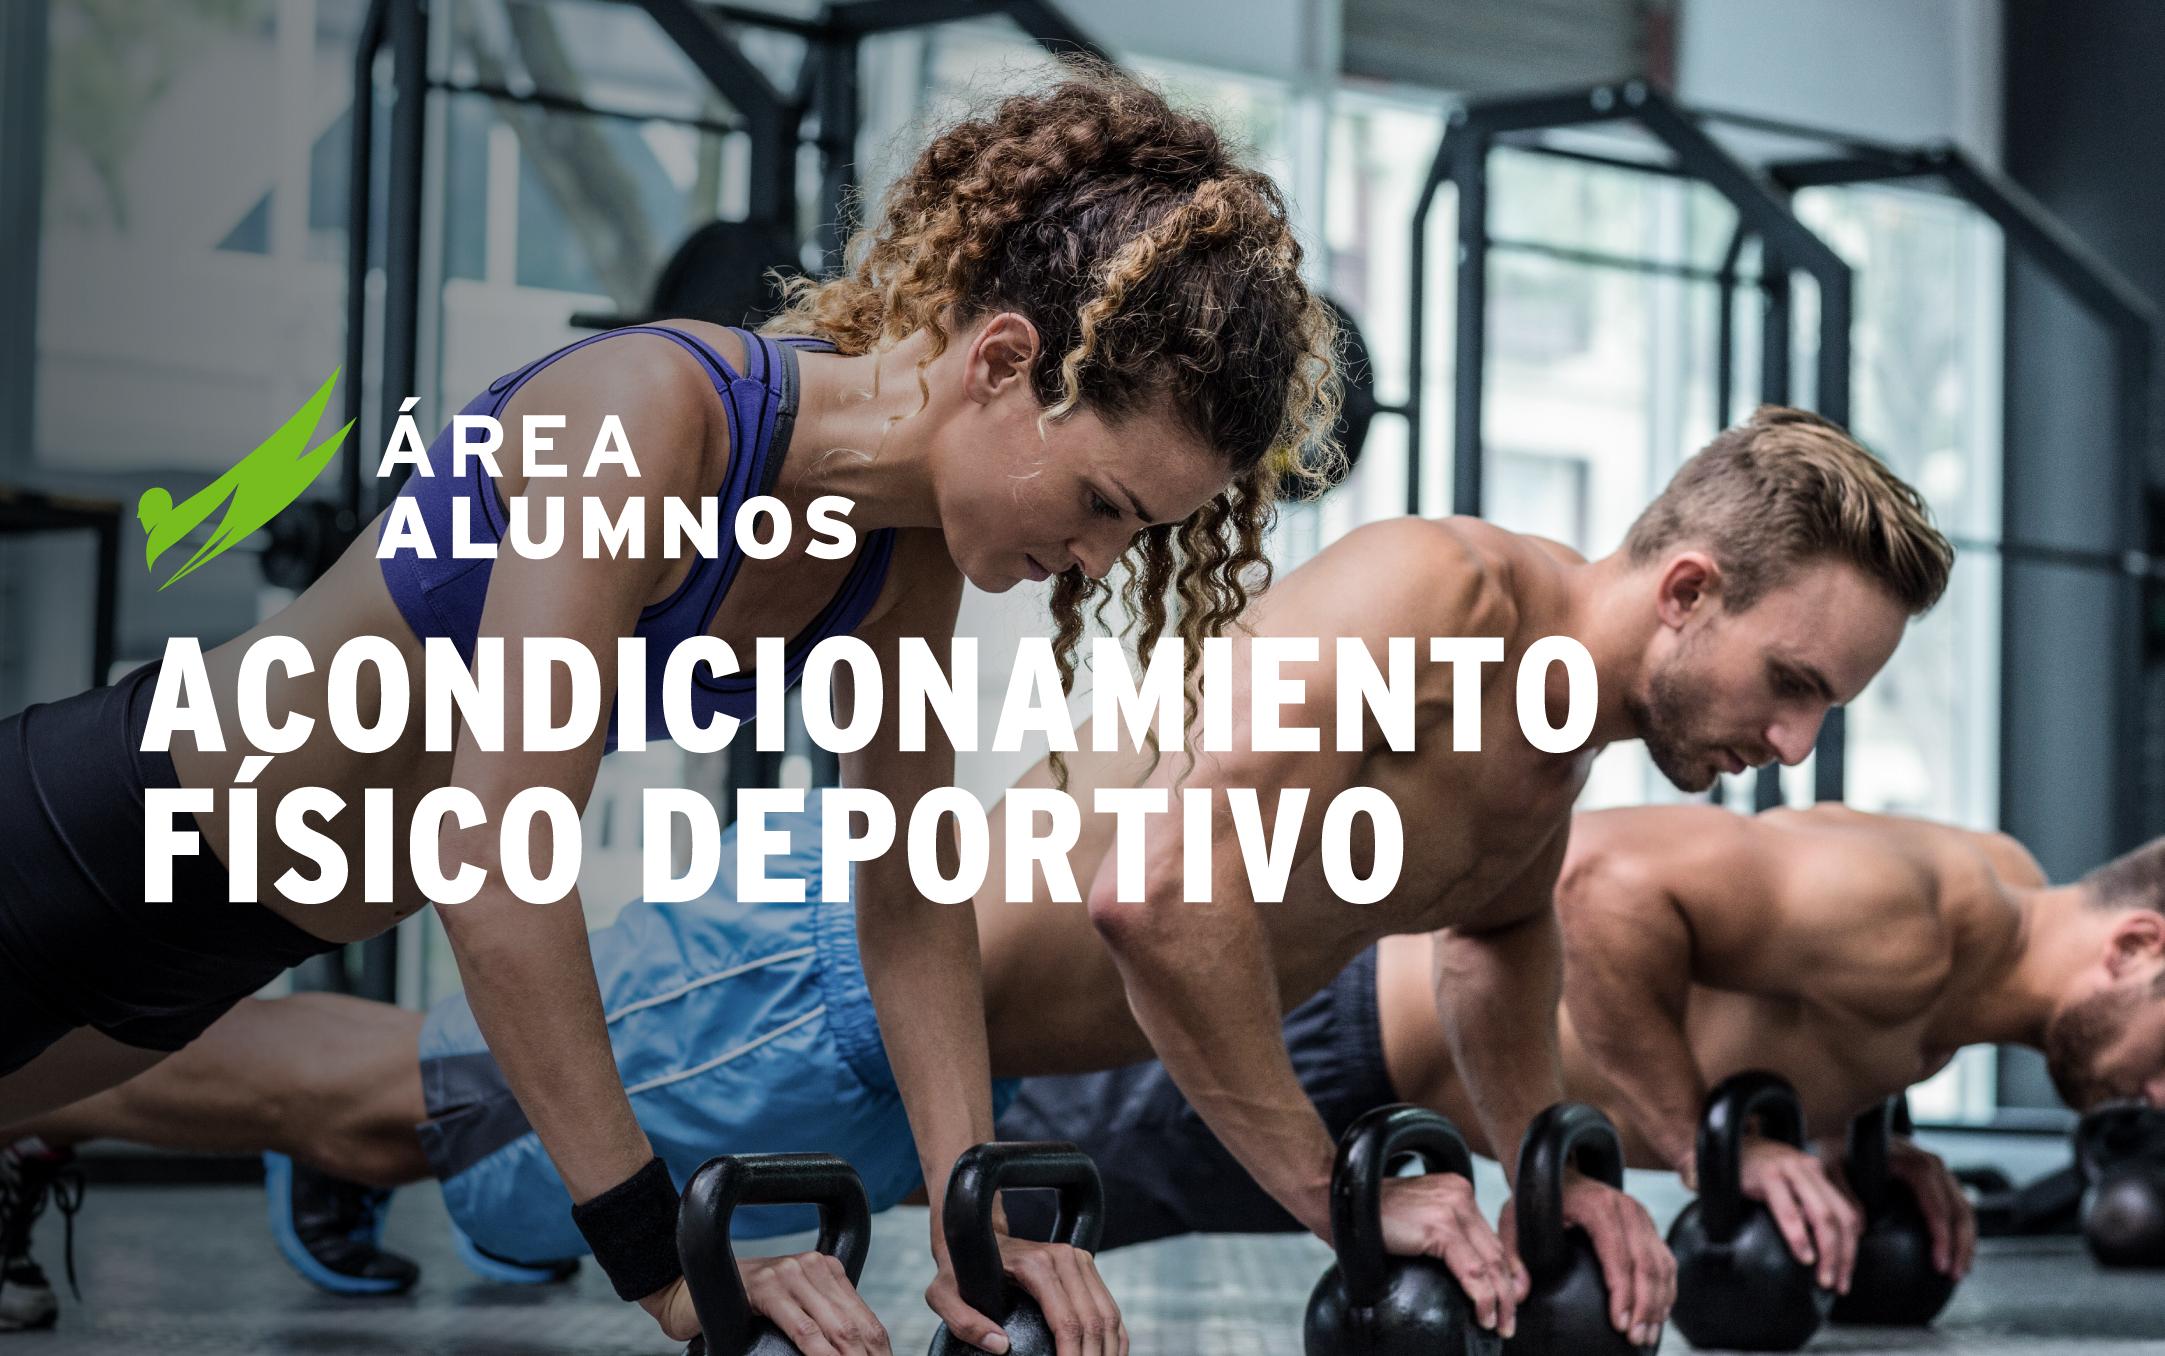 Acondicionamiento Físico y Deportivo